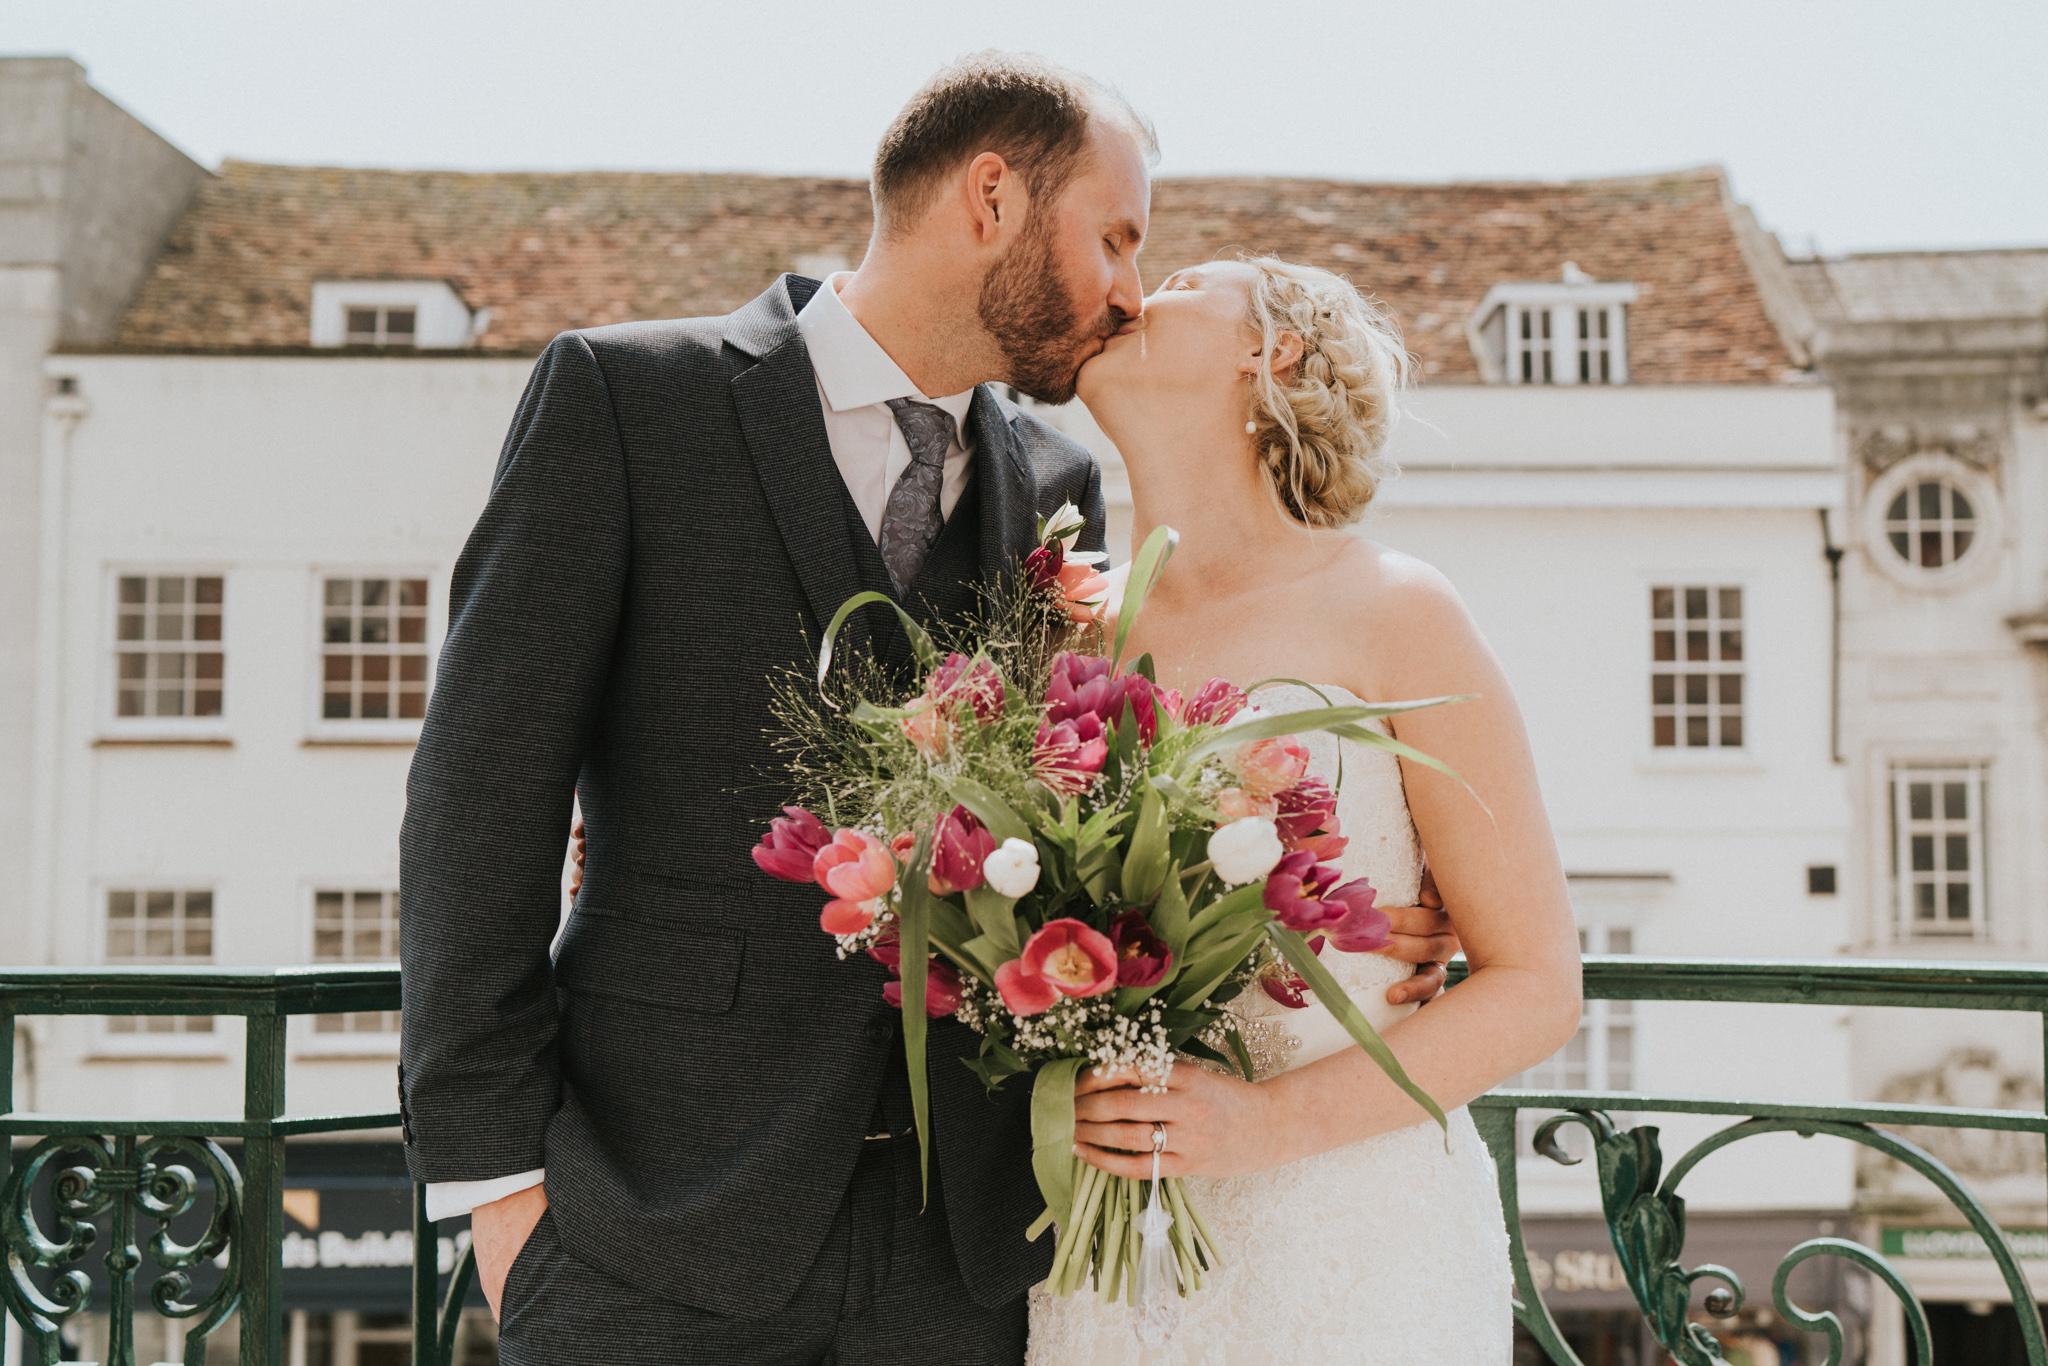 grace-elizabeth-essex-wedding-photographer-best-2018-highlights-norfolk-essex-devon-suffolk (27 of 100).jpg